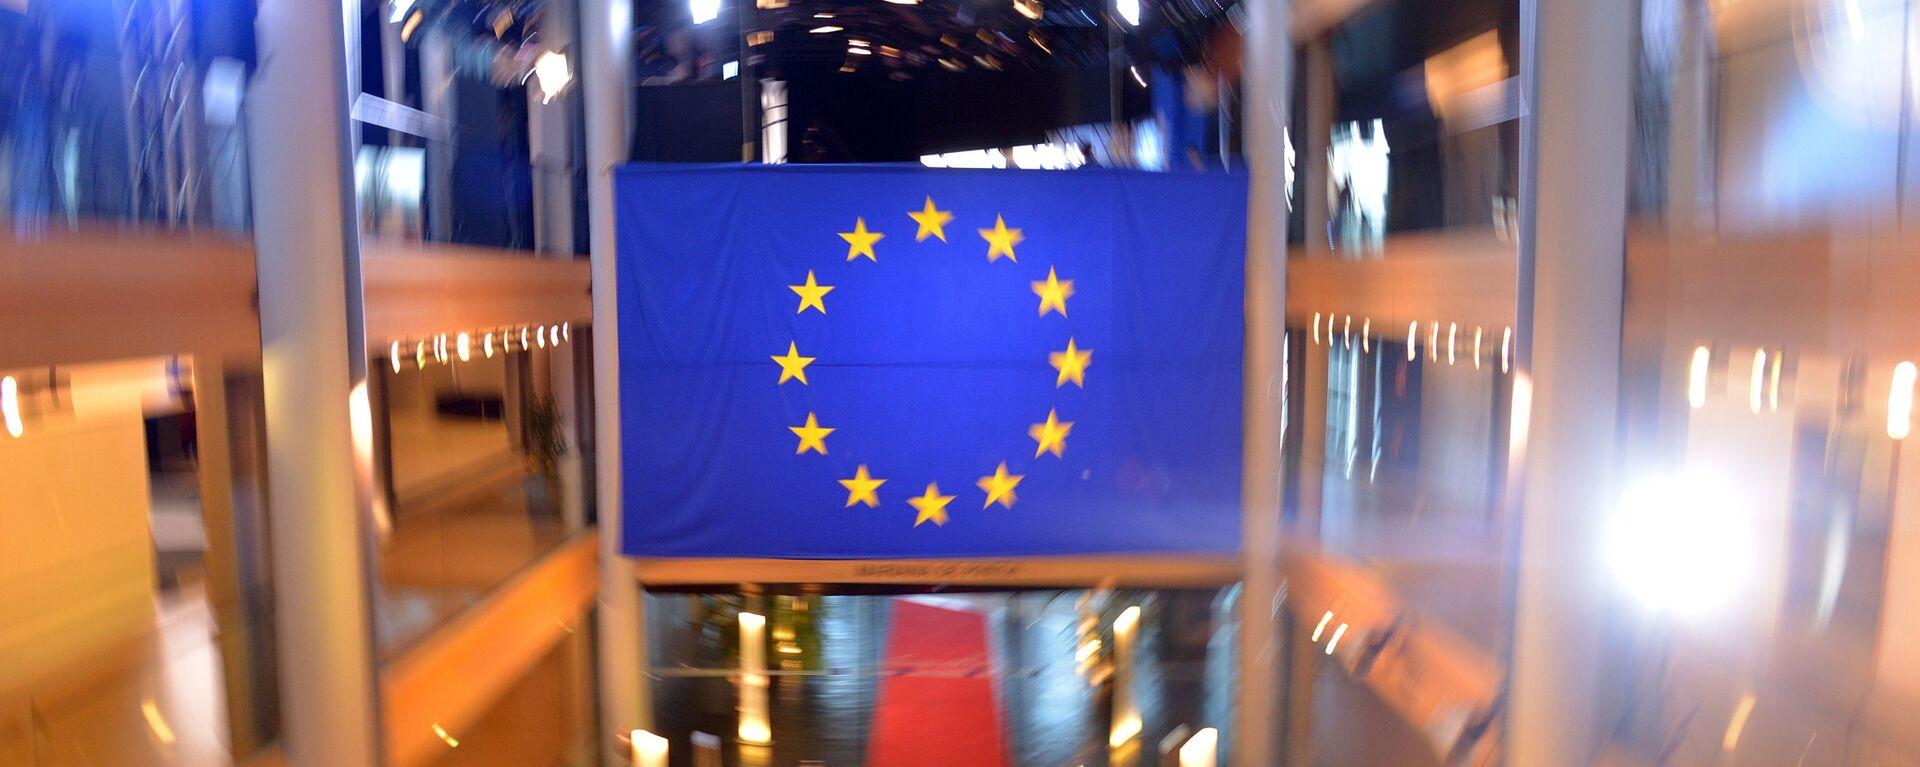 Zastava Evropske unije u zgradi Saveta Evrope u Strazburu - Sputnik Srbija, 1920, 28.09.2021